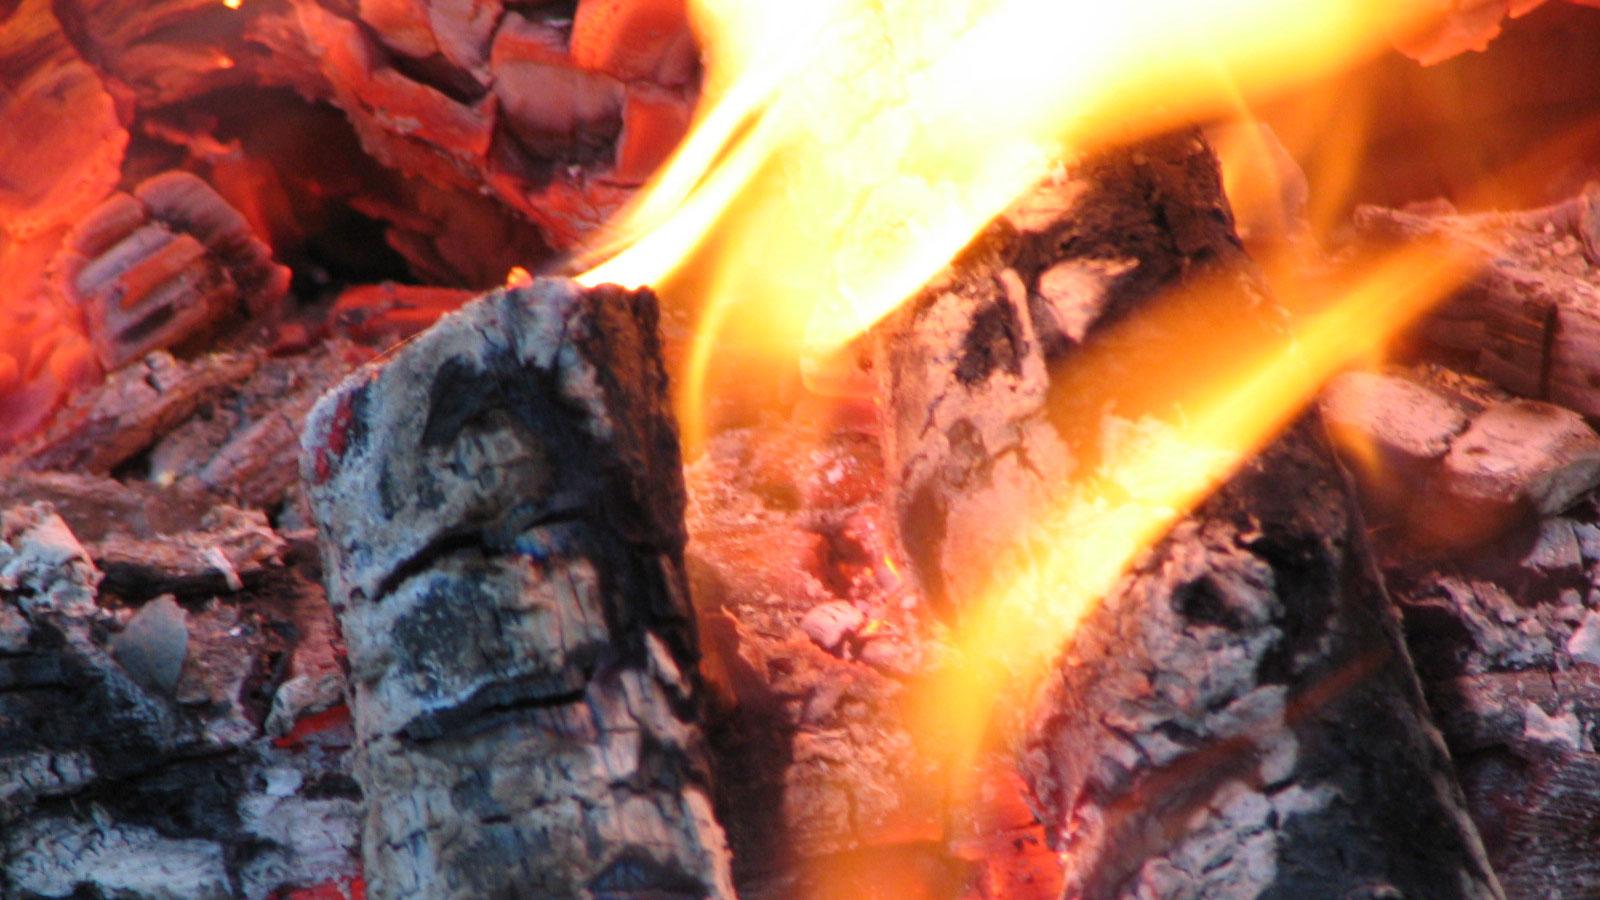 Värme och energi. Foto: Linda by flickr